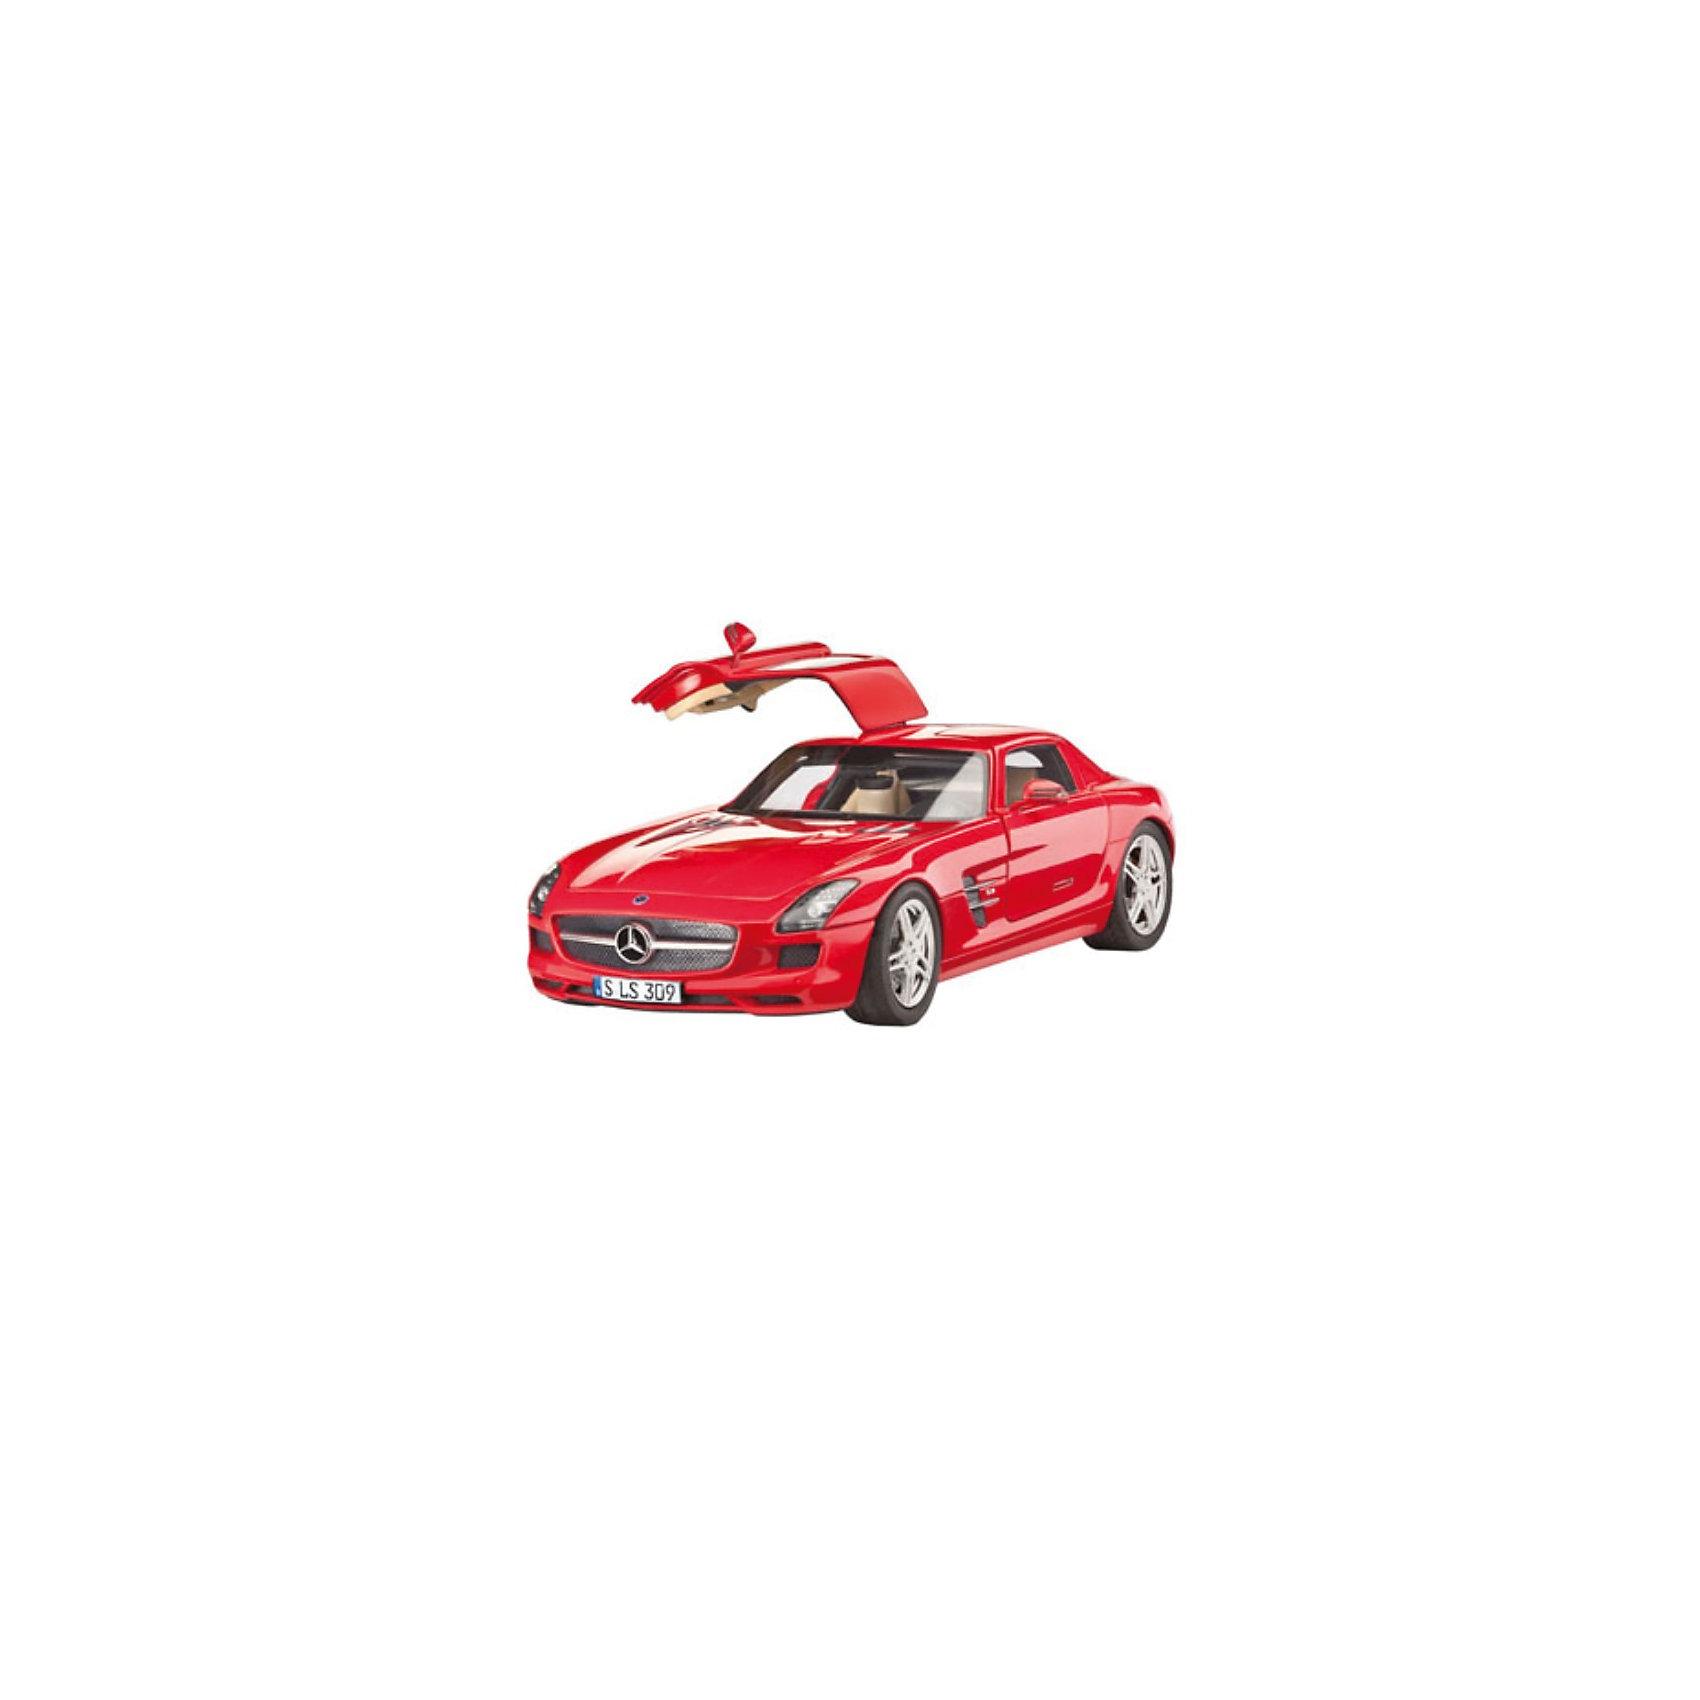 Автомобиль Mercedes, RevellМашинки<br>Автомобиль Mercedes, Revell (Ревелл) – максимально детализированная модель станет украшением комнаты и дополнением коллекции.<br>Mercedes-Benz SLS AMG — суперкар, преемник Mercedes-Benz SLR McLaren и идеологический наследник Mercedes-Benz 300SL. Мировая премьера состоялась в 2009 году на франкфуртском автосалоне. Автомобиль появился в продаже в 2010 году. Как и у «дедушки» - 300SL - у SLS установлены двери типа «крыло Чайки». Сборная модель автомобиля Mercedes от фирмы Revell (Ревелл) является абсолютно точной уменьшенной копией этого мощного суперкара. Модель состоит из 141 детали, которые необходимо собрать, склеить и покрыть краской в соответствии с инструкцией. В наборе также прилагаются клей в удобной упаковке, краски и кисточка. Модель тщательно проработана. Оригинальный кузов выполнен в мельчайших подробностях, а интерьер машины с подлинной приборной панелью и сиденьями превосходно детализирован. Макет автомобиля имеет вращающиеся колёса, которые выглядят совсем как настоящие, открывающуюся крышку капота, под которой располагается высокодетализированный восьмицилиндровый двигатель. А для ещё большей достоверности, некоторые части модели хромированы. Разработанная для детей от 10 лет, сборная модель суперкара Mercedes-Benz SLS AMG, определённо, принесёт массу положительных эмоций и взрослым любителям моделирования. Моделирование считается одним из наиболее полезных хобби, ведь оно развивает интеллектуальные и инструментальные способности, воображение и конструктивное мышление. Прививает практические навыки работы со схемами и чертежами.<br><br>Дополнительная информация:<br><br>- Возраст: для детей старше 10-и лет<br>- В наборе: комплект пластиковых деталей для сборки модели, декаль для вариантов нескольких стран (D, NL, F, CH, GB), базовые акриловые краски, клей, кисточка, инструкция<br>- Количество деталей: 141 шт.<br>- Масштаб модели: 1:24<br>- Длина модели: 193 мм.<br>- Уровень сложности: 4 (из 5)<br>- Дополнительно пот